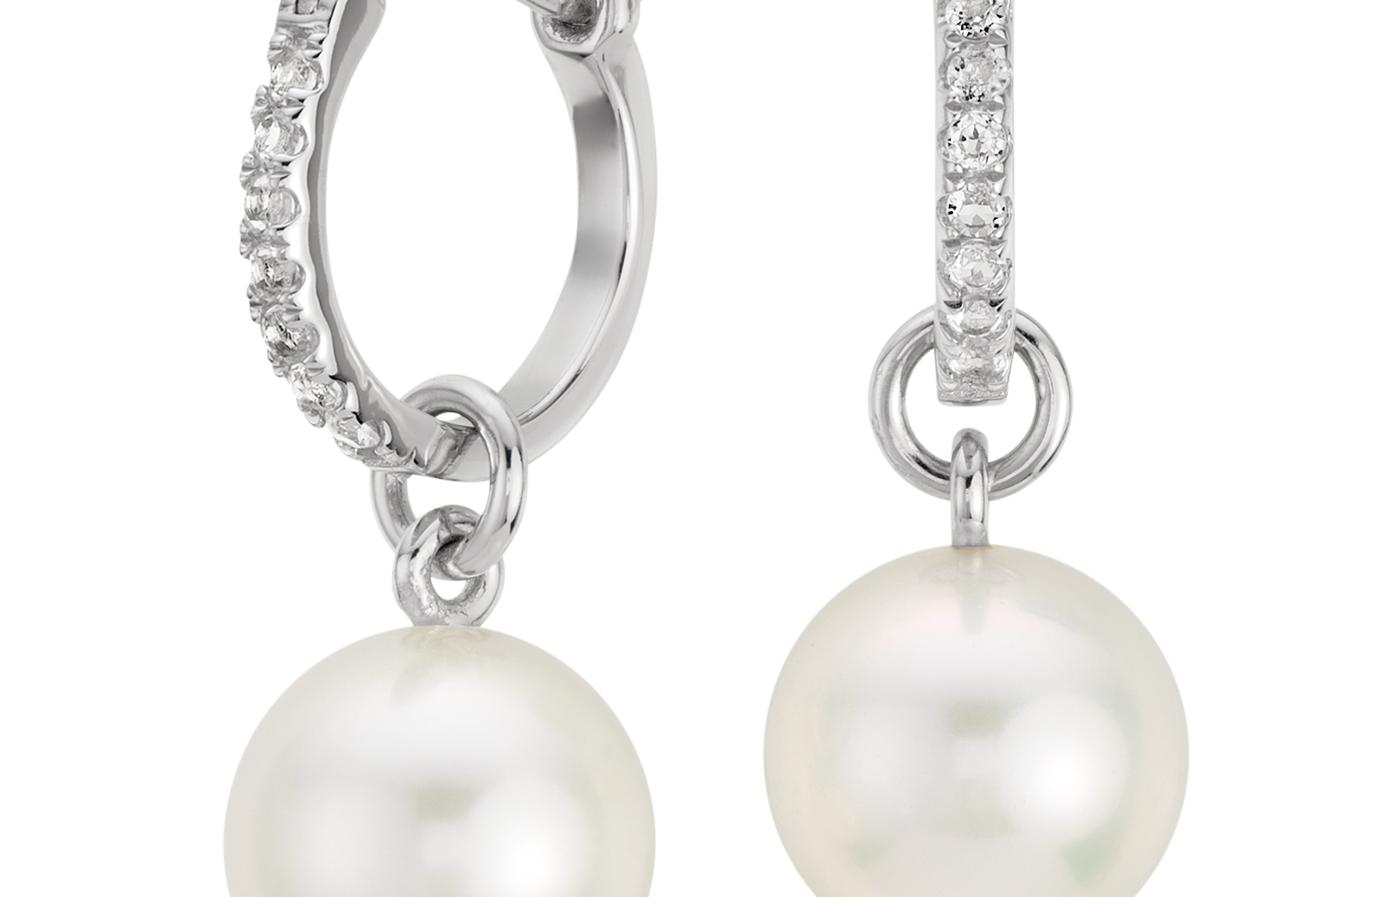 Aretes colgantes con topacio blanco y perlas cultivadas de agua dulce en plata de ley (9mm)